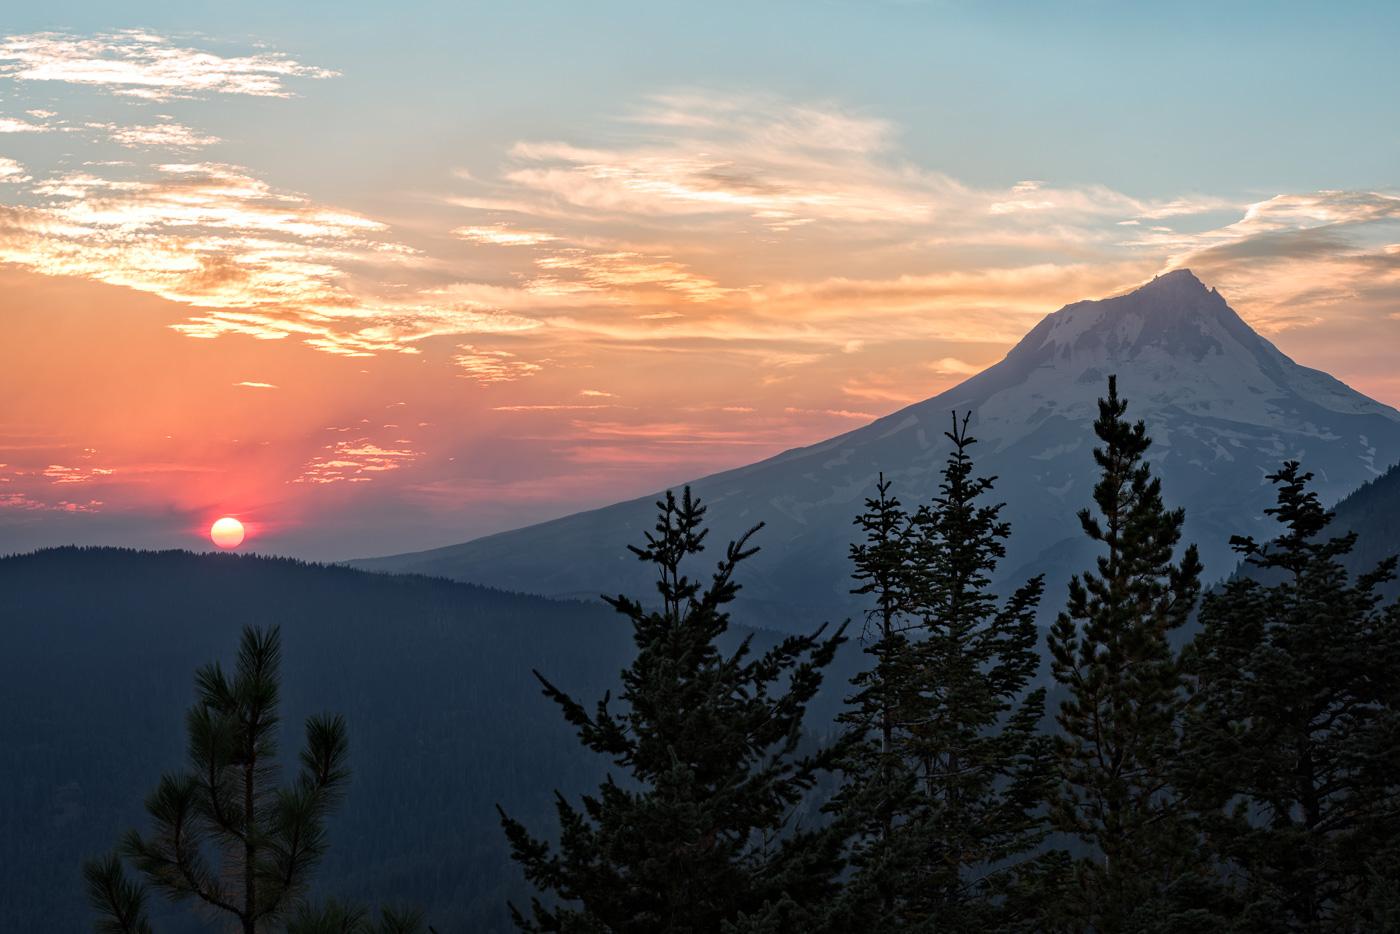 Smoke Filled Sunset over Mt. Hood.   Technical Details: Nikon D810, Nikkor 70-200VRII @ F16 For 1/6 sec. @ ISO 64